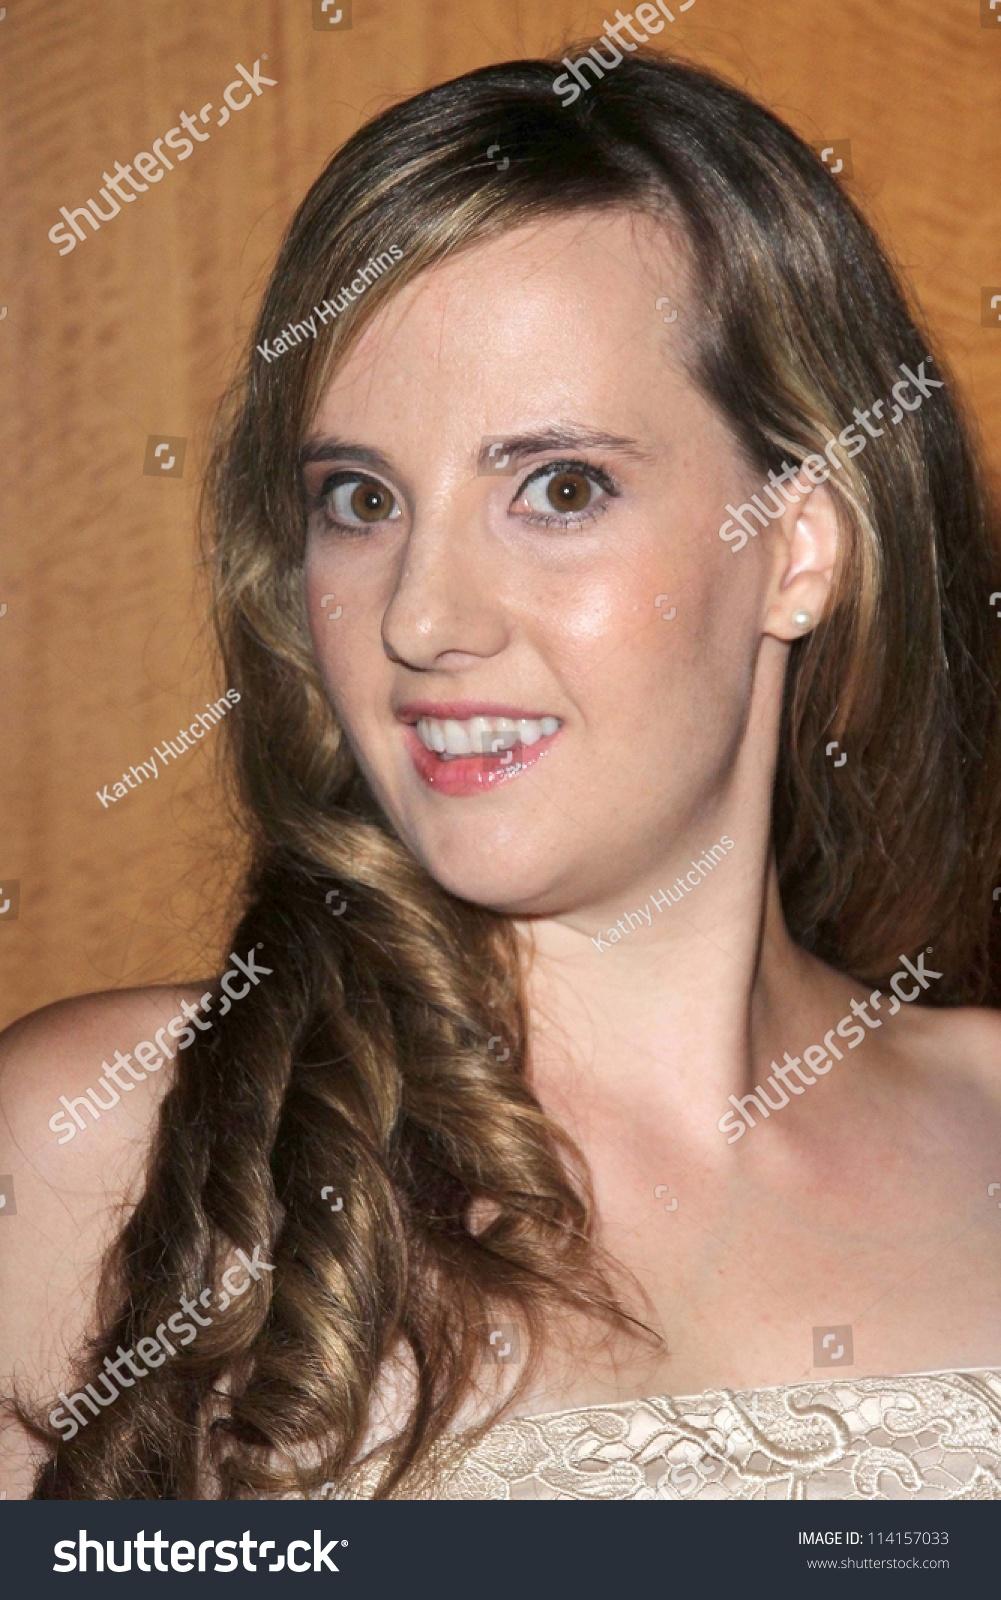 Eileen McDonough,Glenne Headly Porno pics Patricia Arquette born April 8, 1968 (age 50),Gina Chiarelli